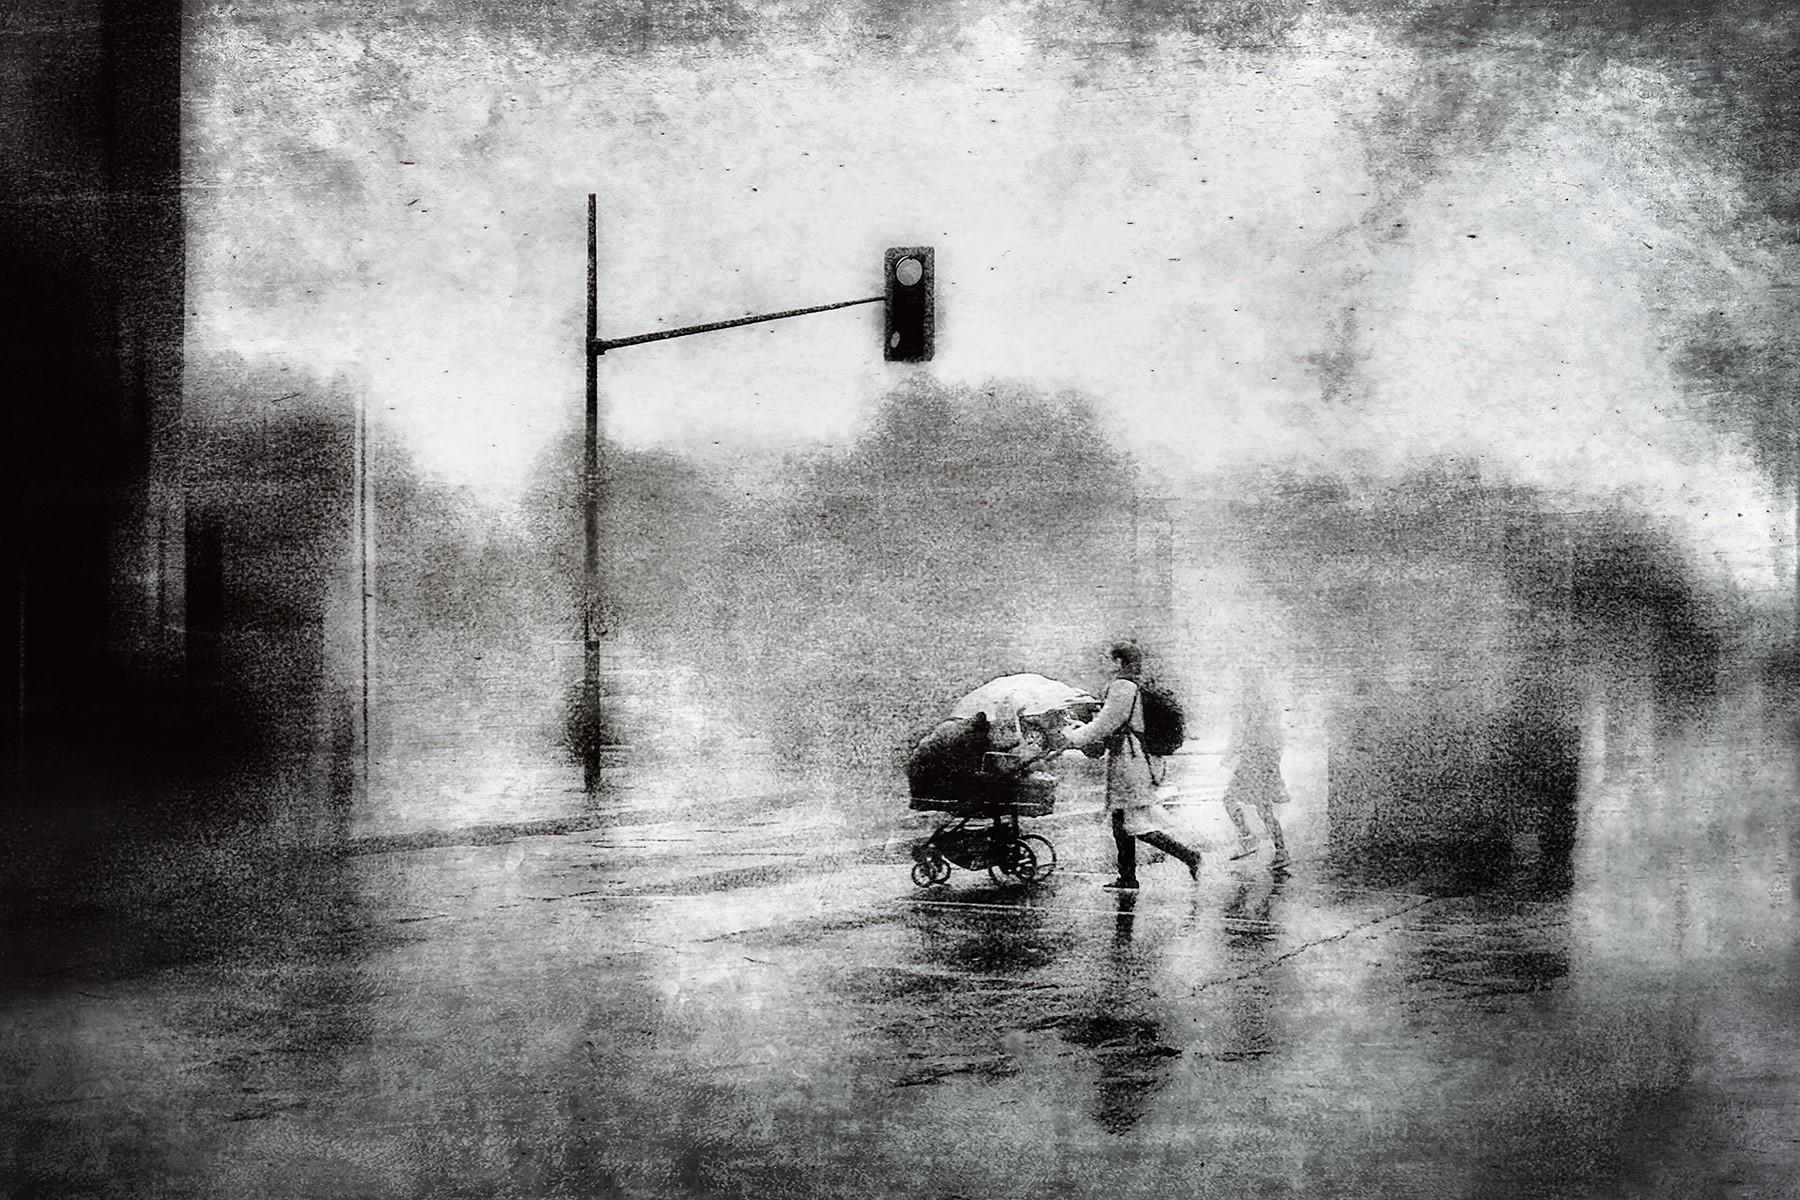 Спешка. Автор Даниэль Кастонгуэй